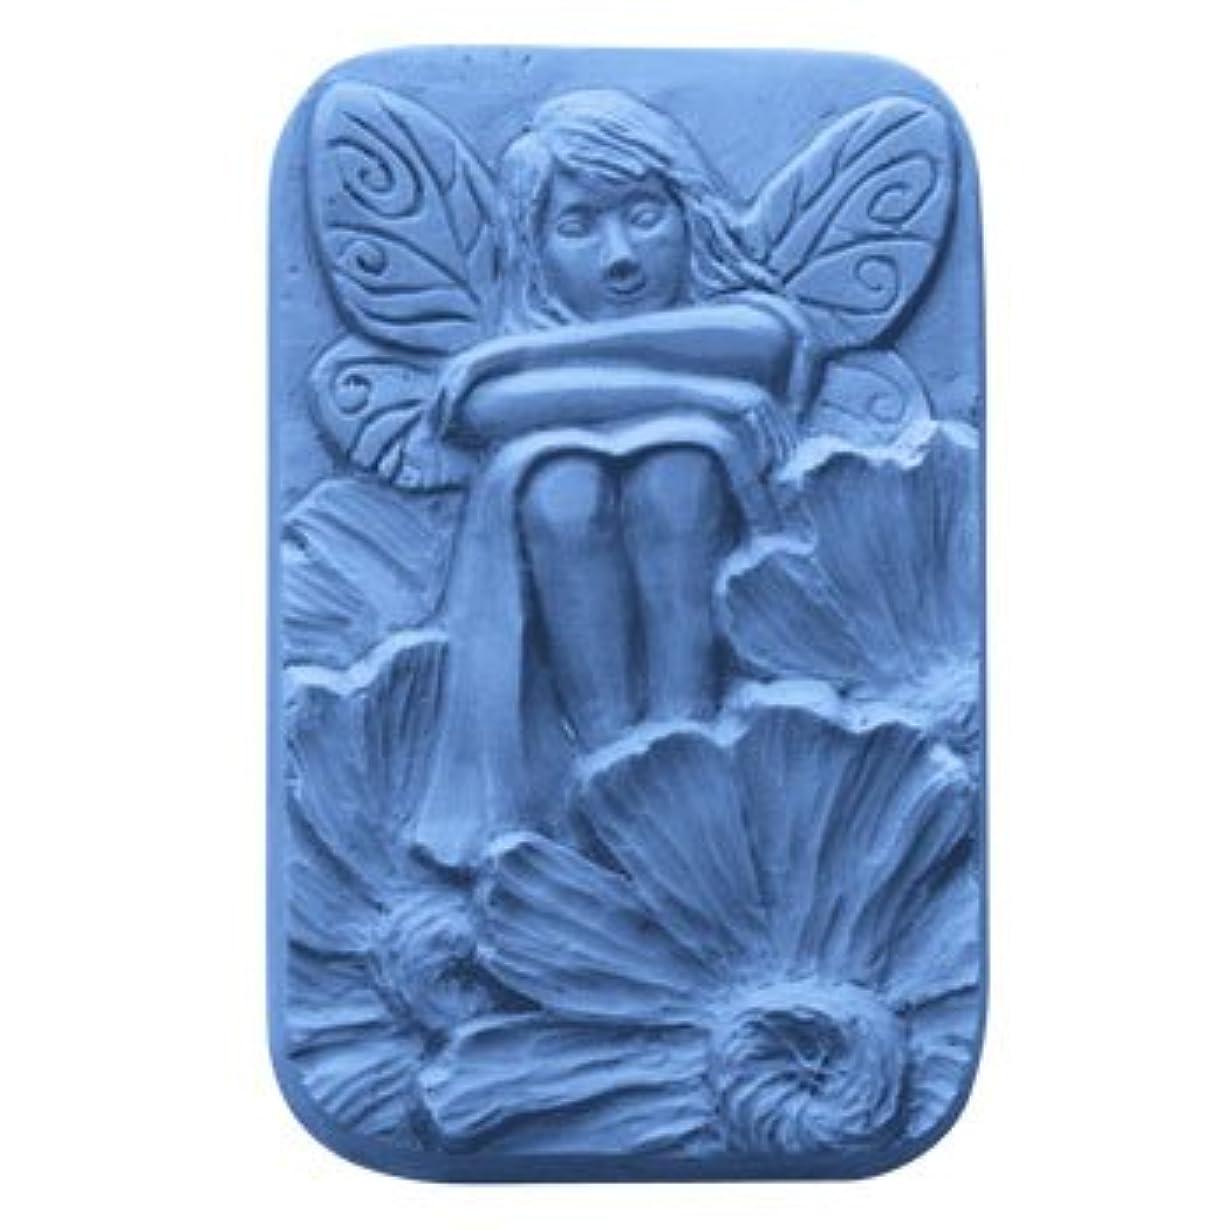 誕生日スモッグ予備ミルキーウェイ フェアリー[妖精] 【ソープモールド/石鹸型/シートモールド】